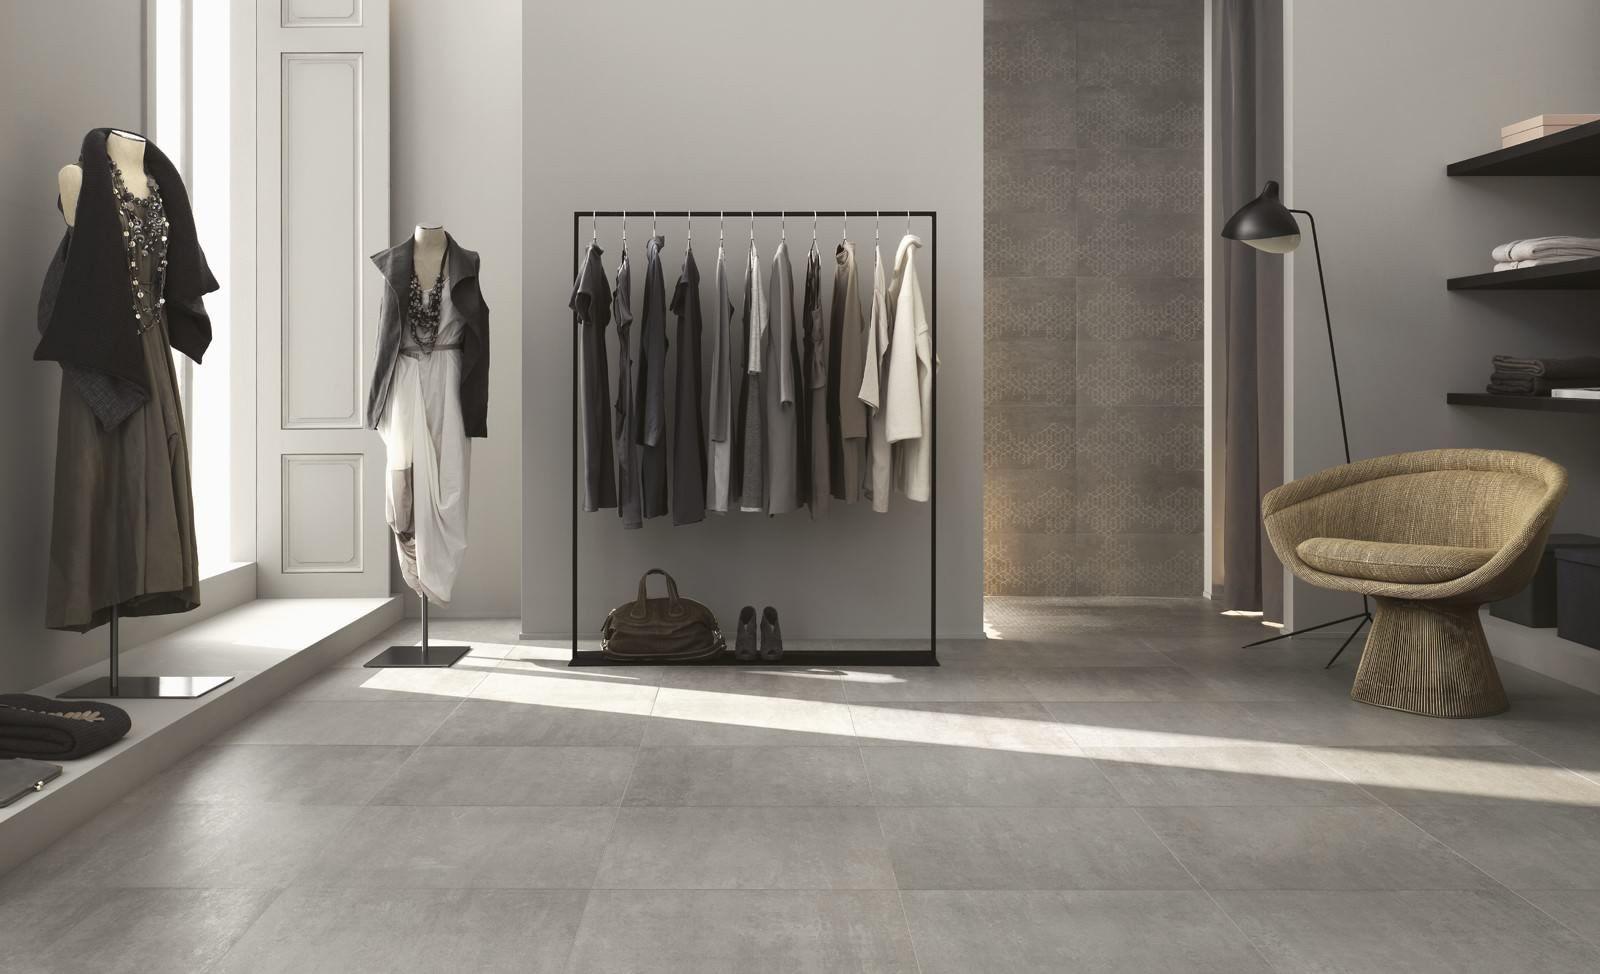 Ragno #concept grigio 45x45 cm r2xx #gres #cemento #45x45 su